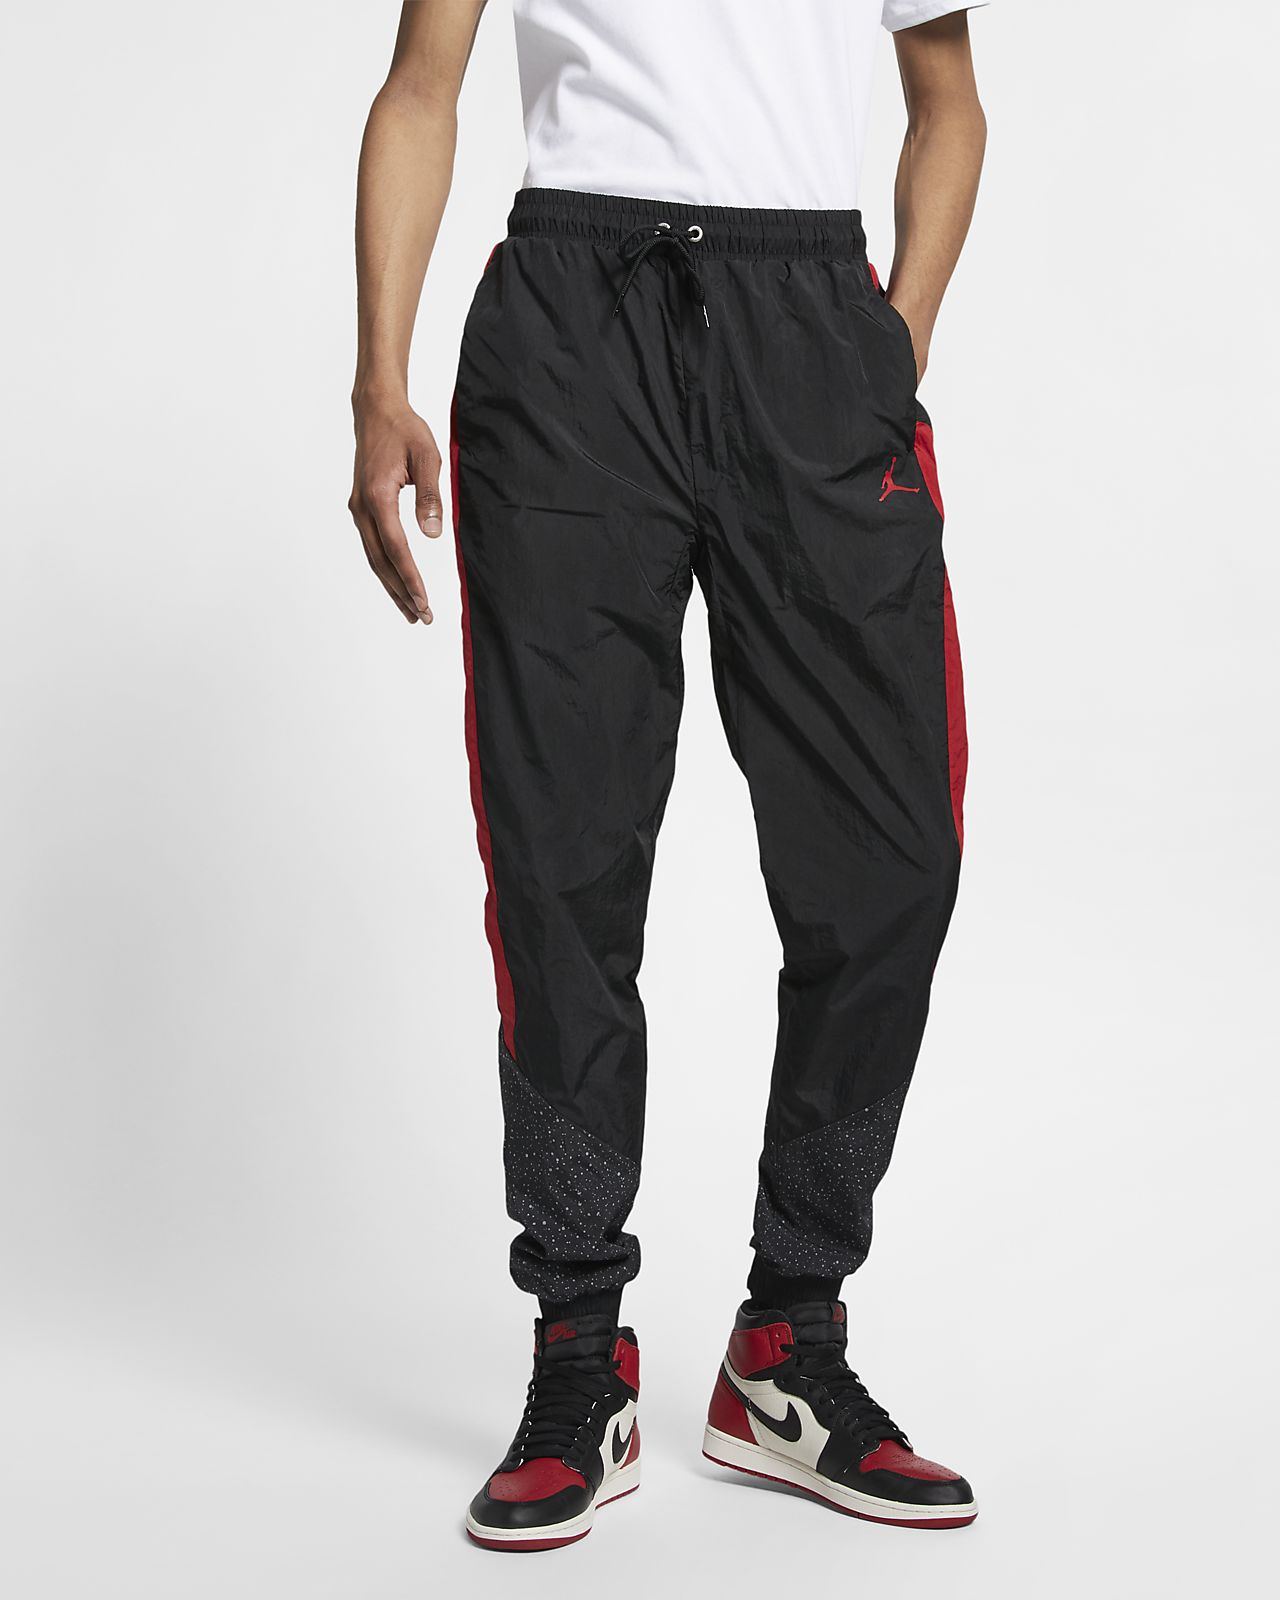 Pantalon Jordan Diamond Cement pour Homme